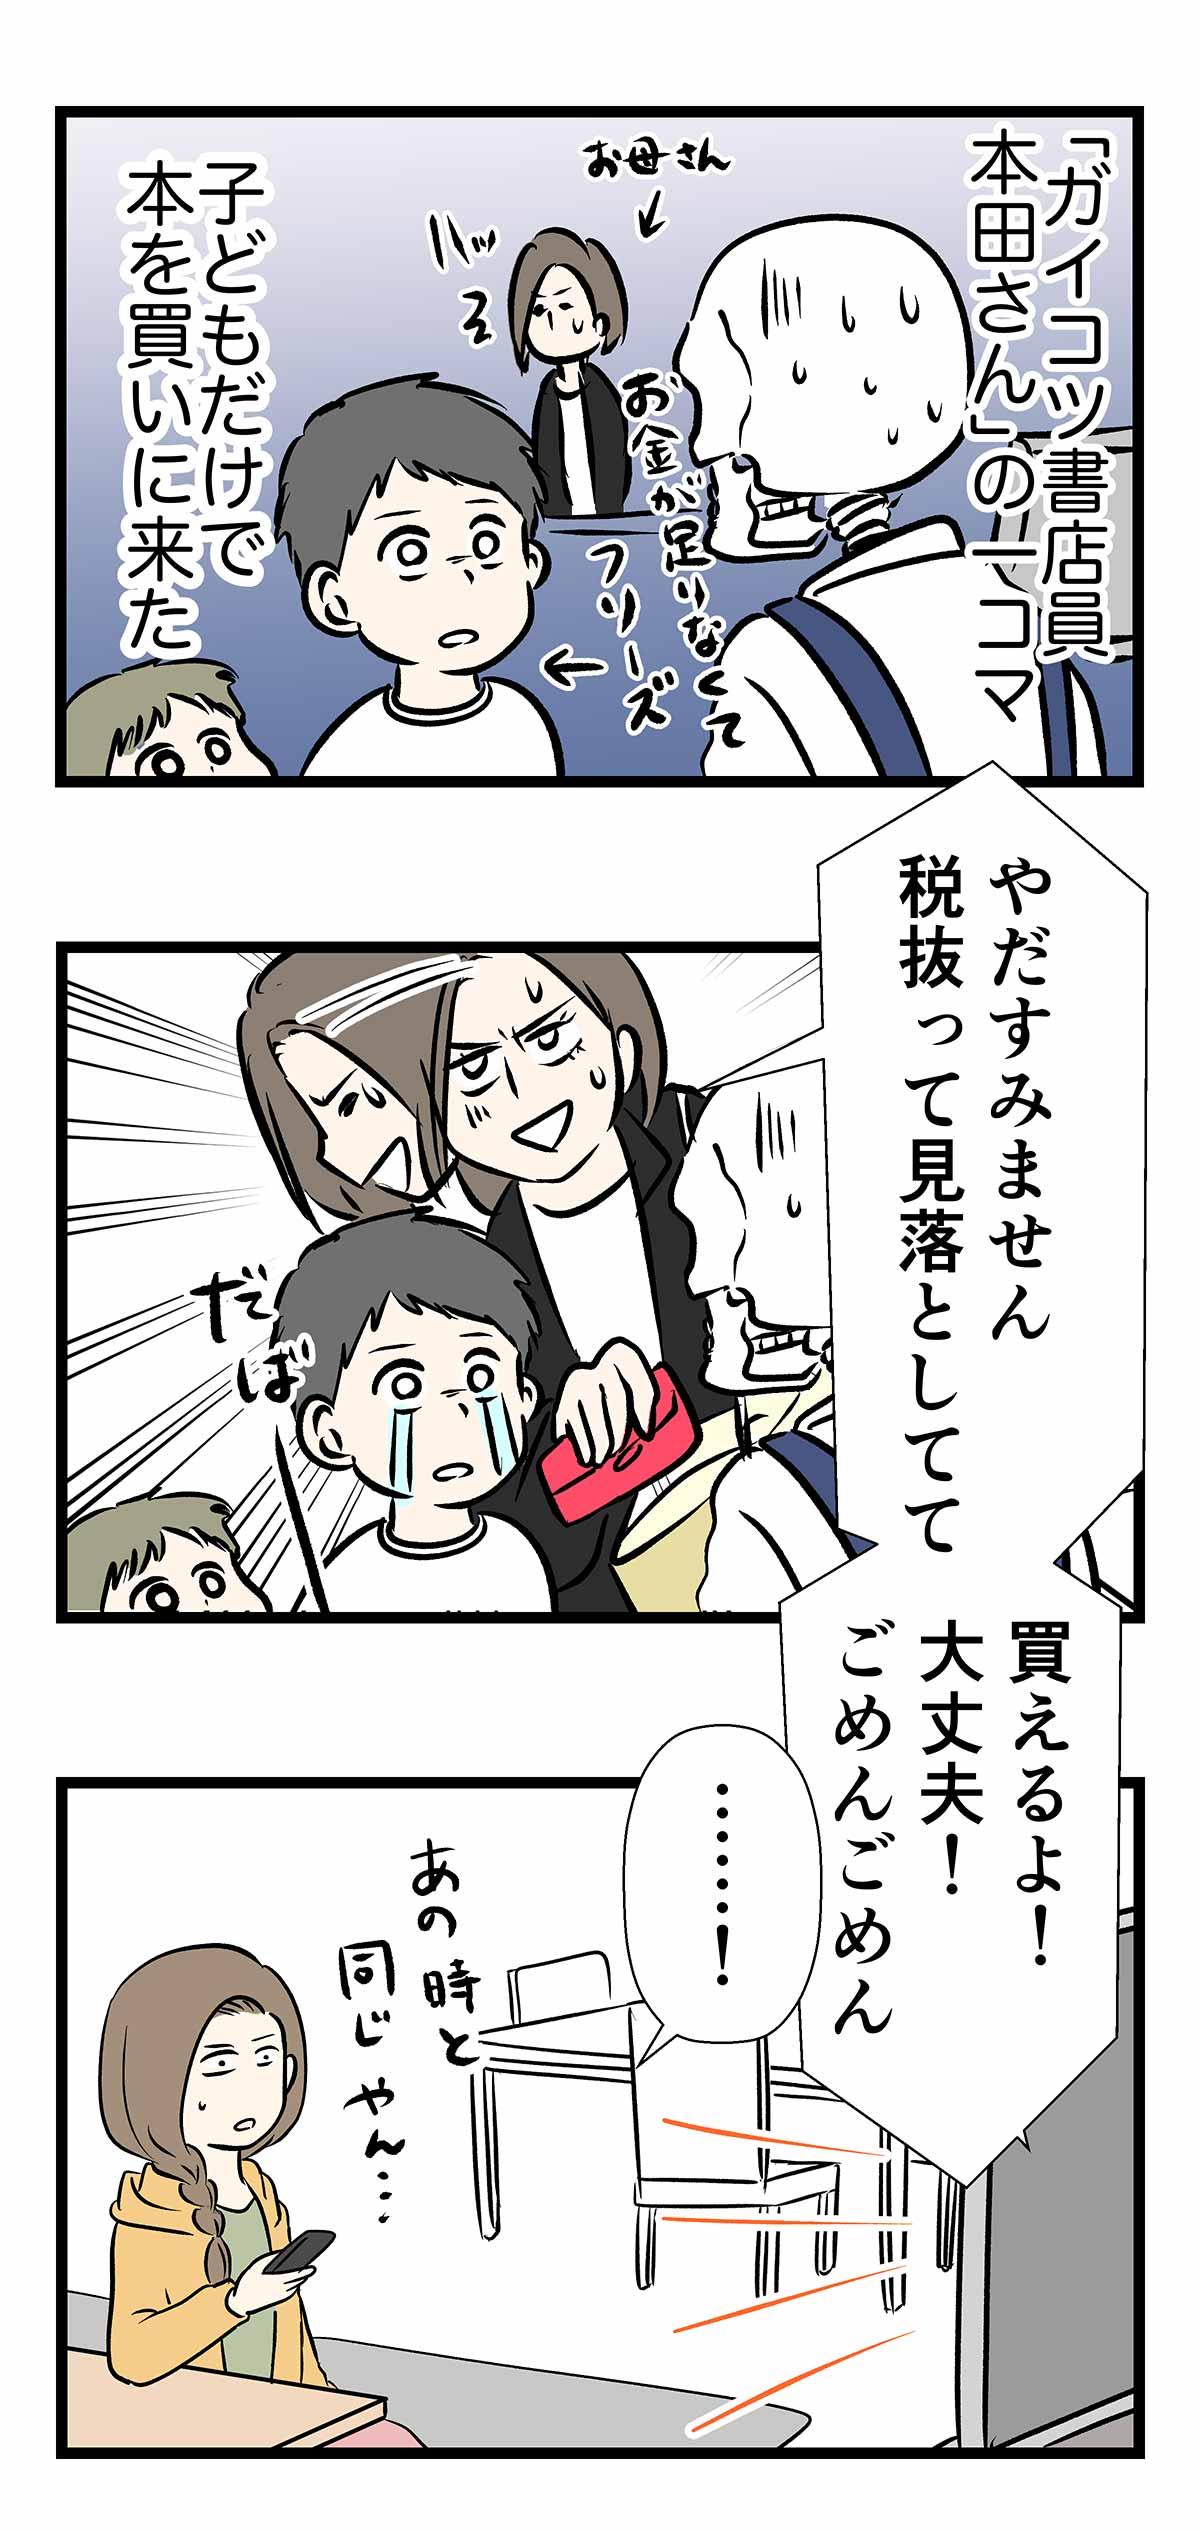 『ガイコツ書店員本田さん』で思い出す、はじめてのおつかい